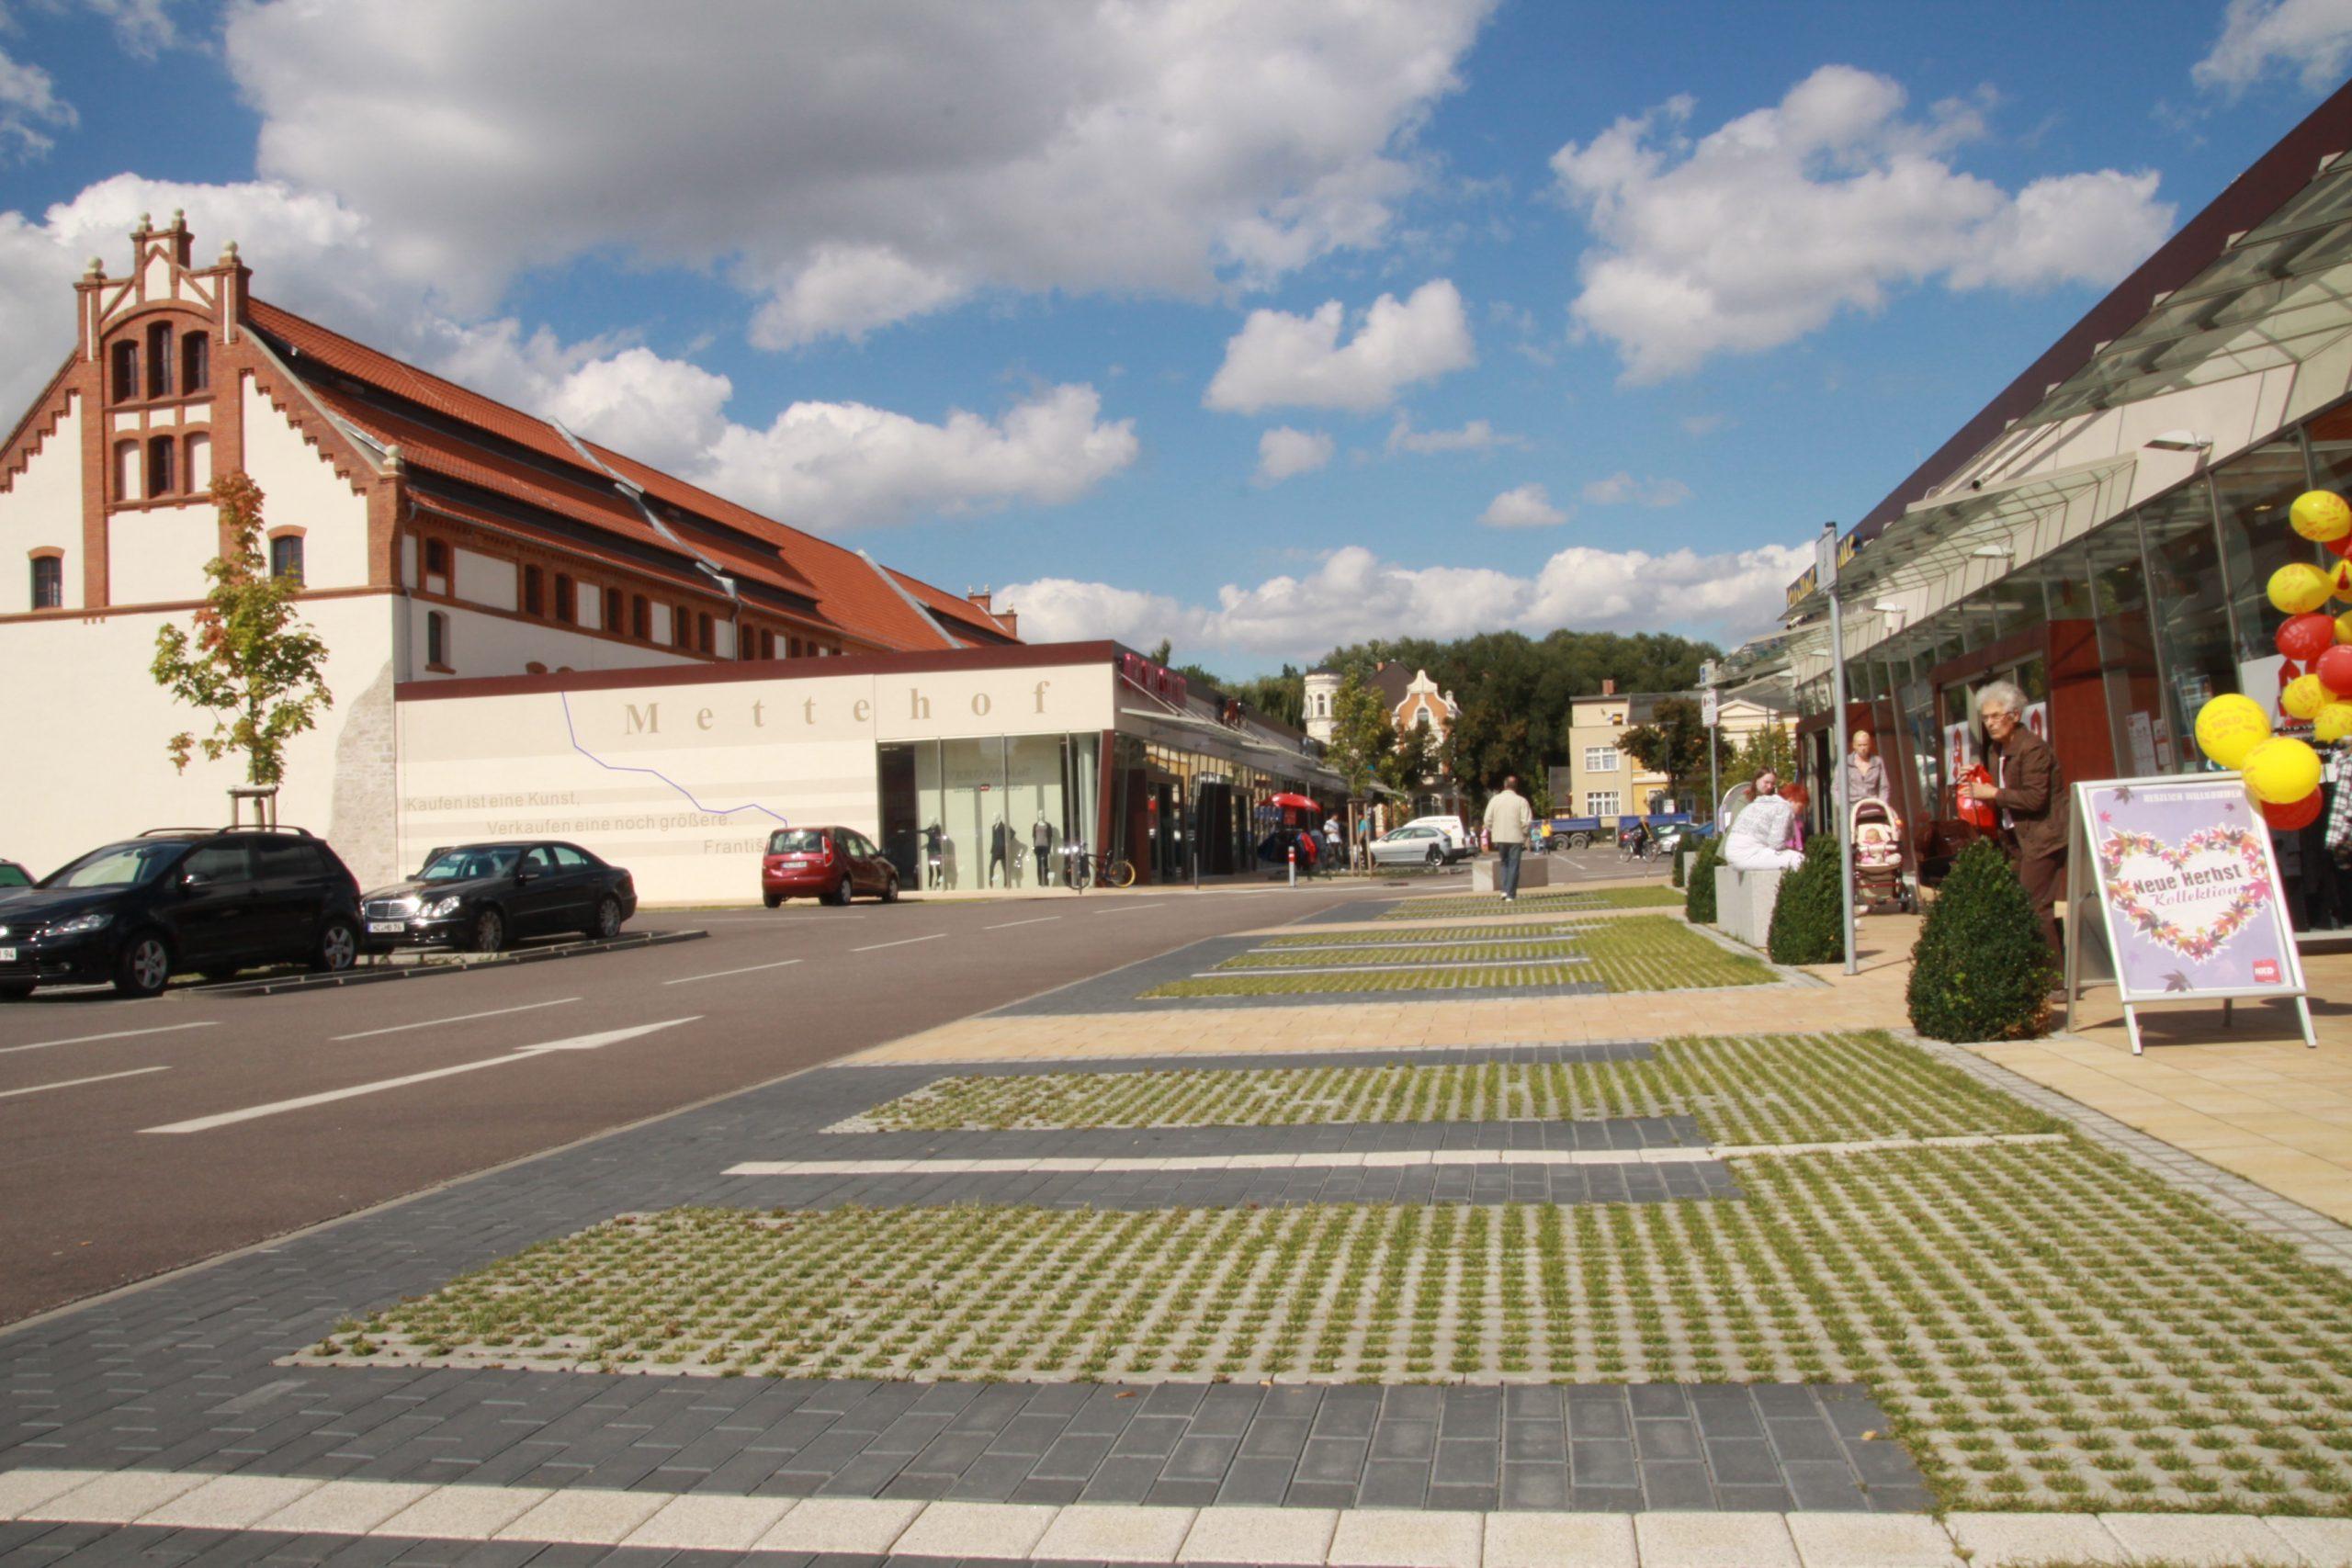 Parkplatzsituation im Innenstadtbereich